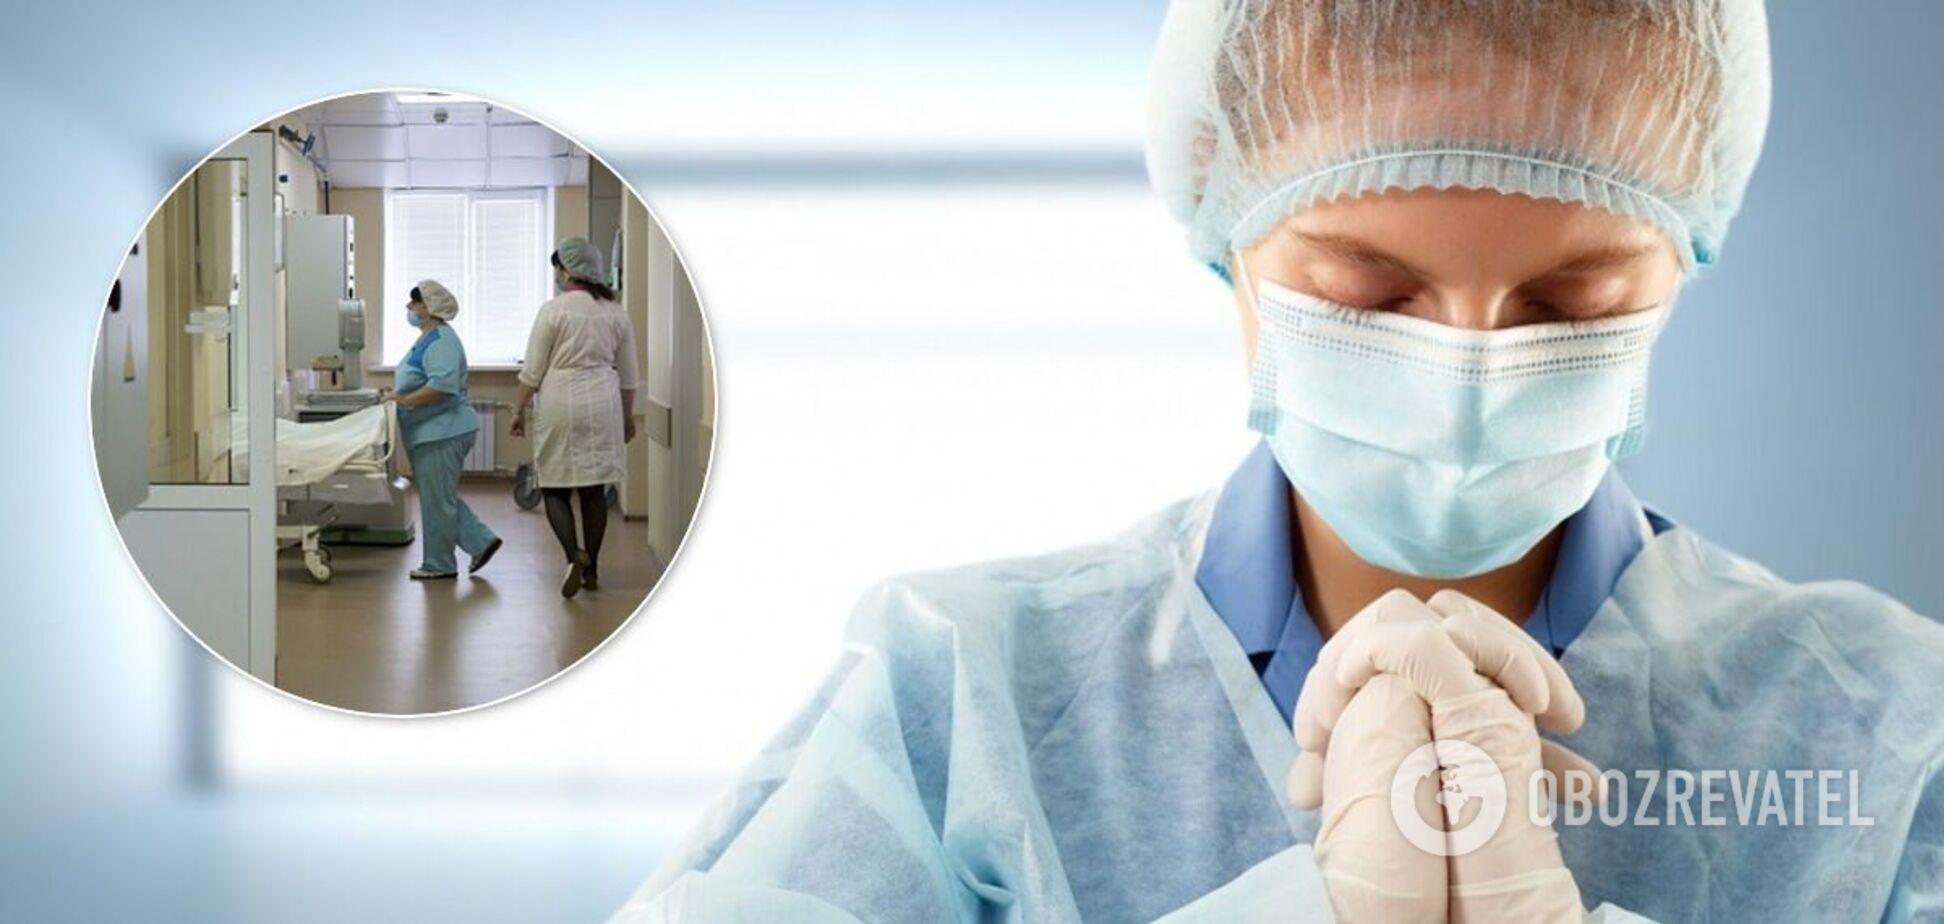 В Україні почалося медичне 'сортування' хворих на COVID-19, – лікар